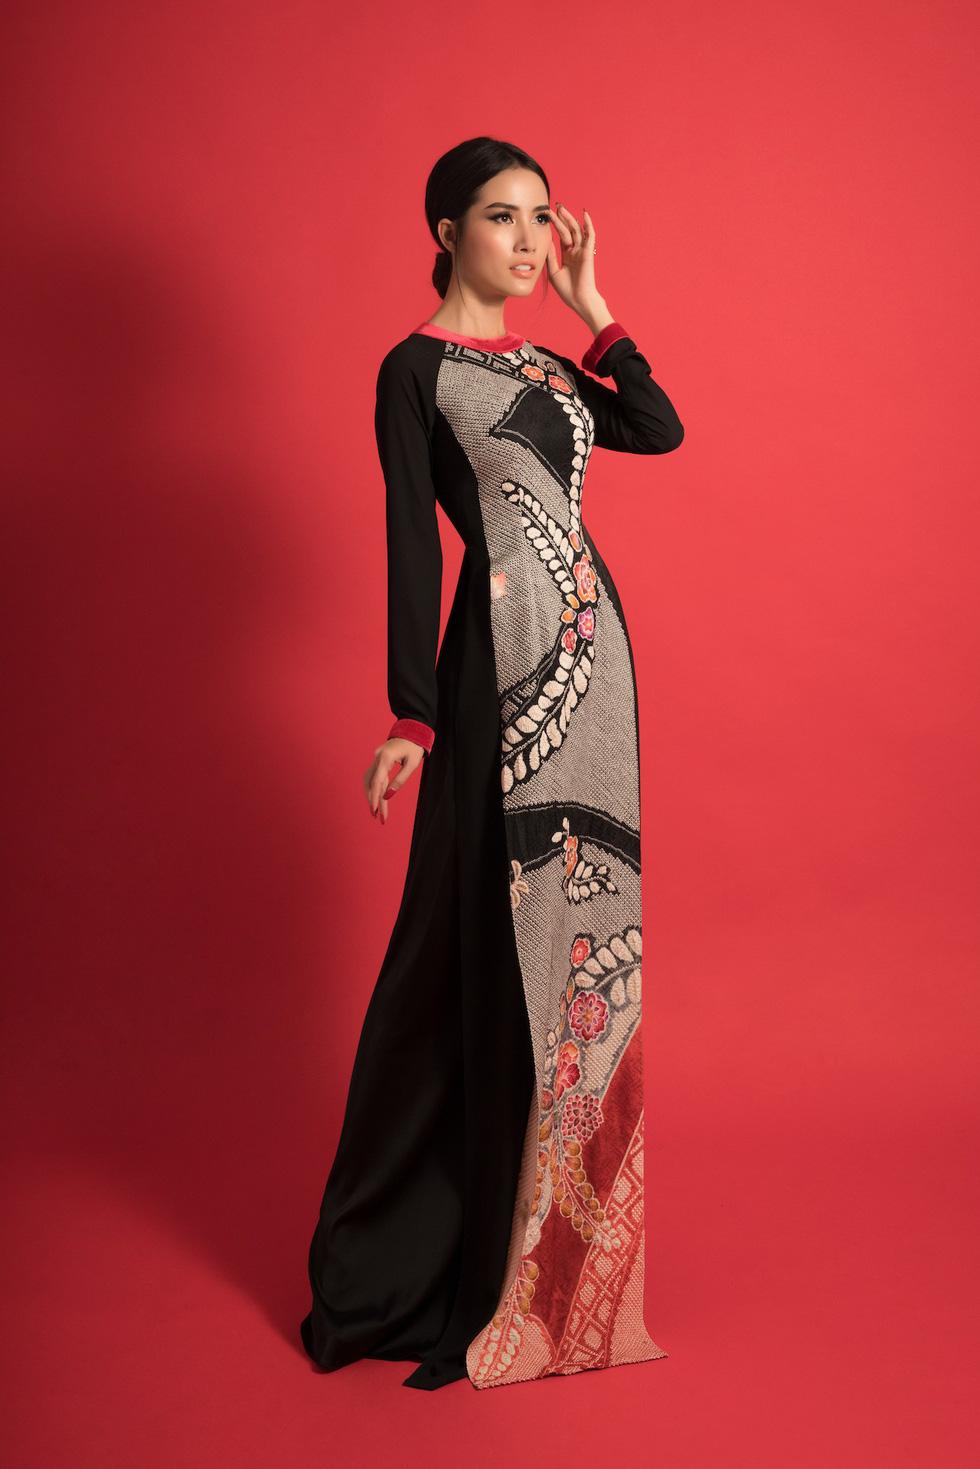 5 hoa hậu và 7 người đẹp giới thiệu bộ sưu tập Nàng của Võ Việt Chung - Ảnh 11.